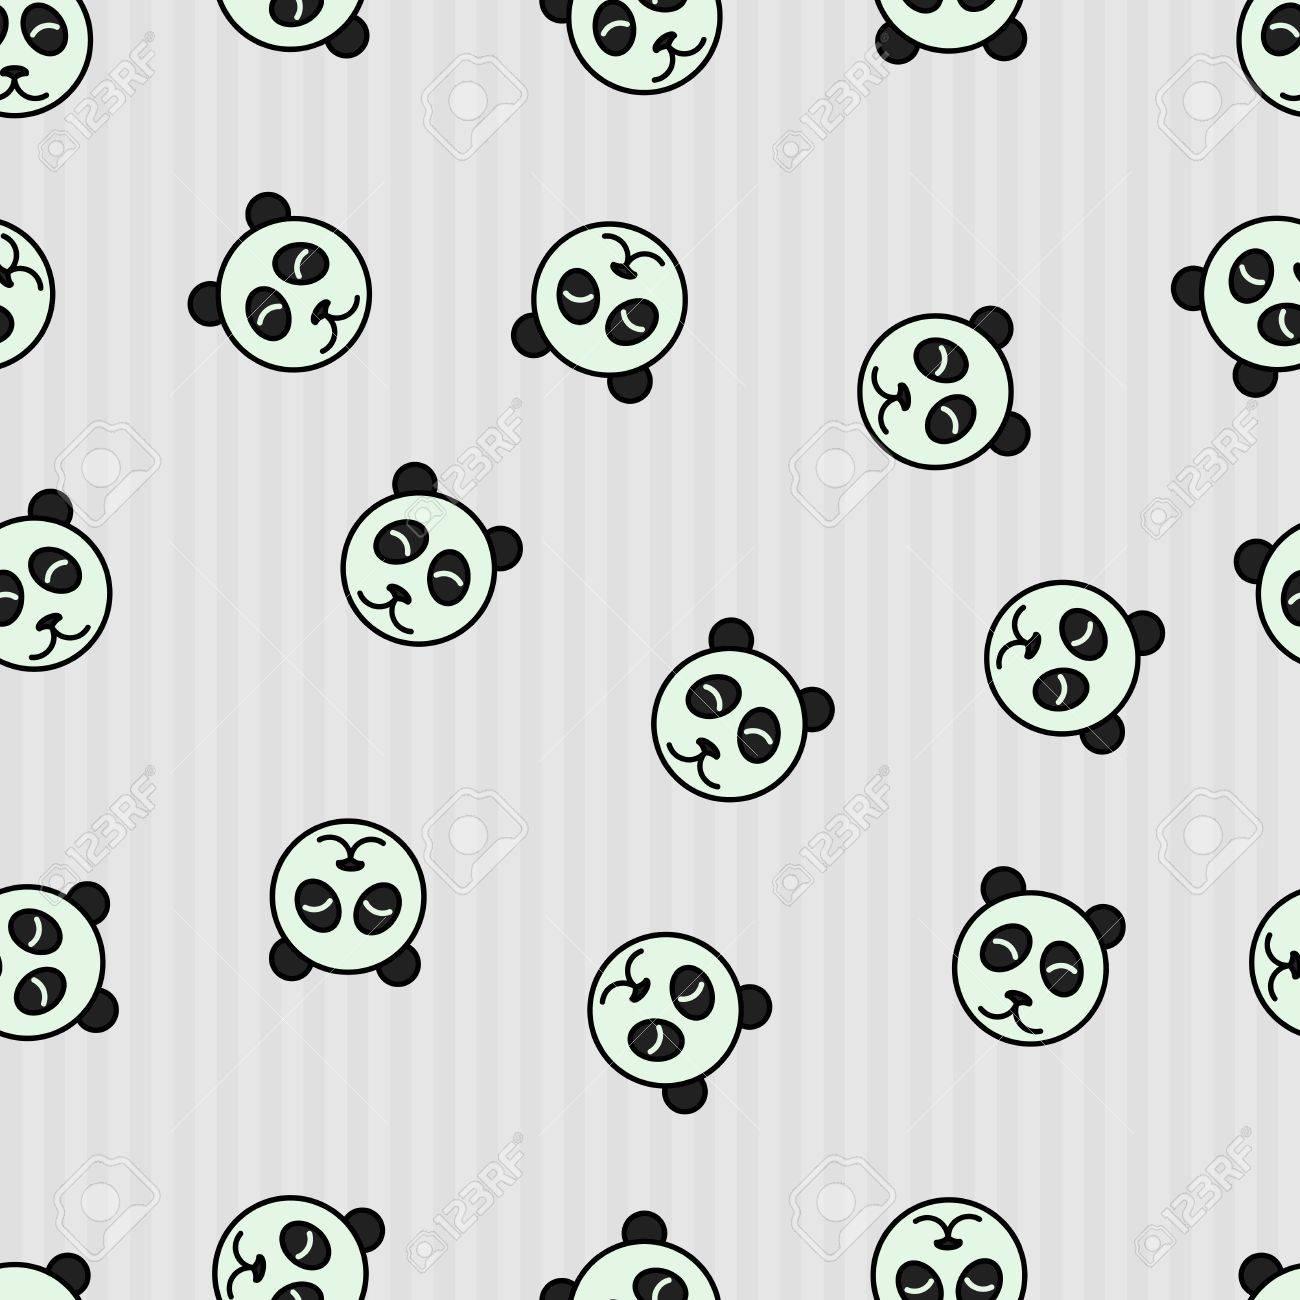 Fondo Transparente Con Panda. Dormir Ilustración Vectorial Animal ...